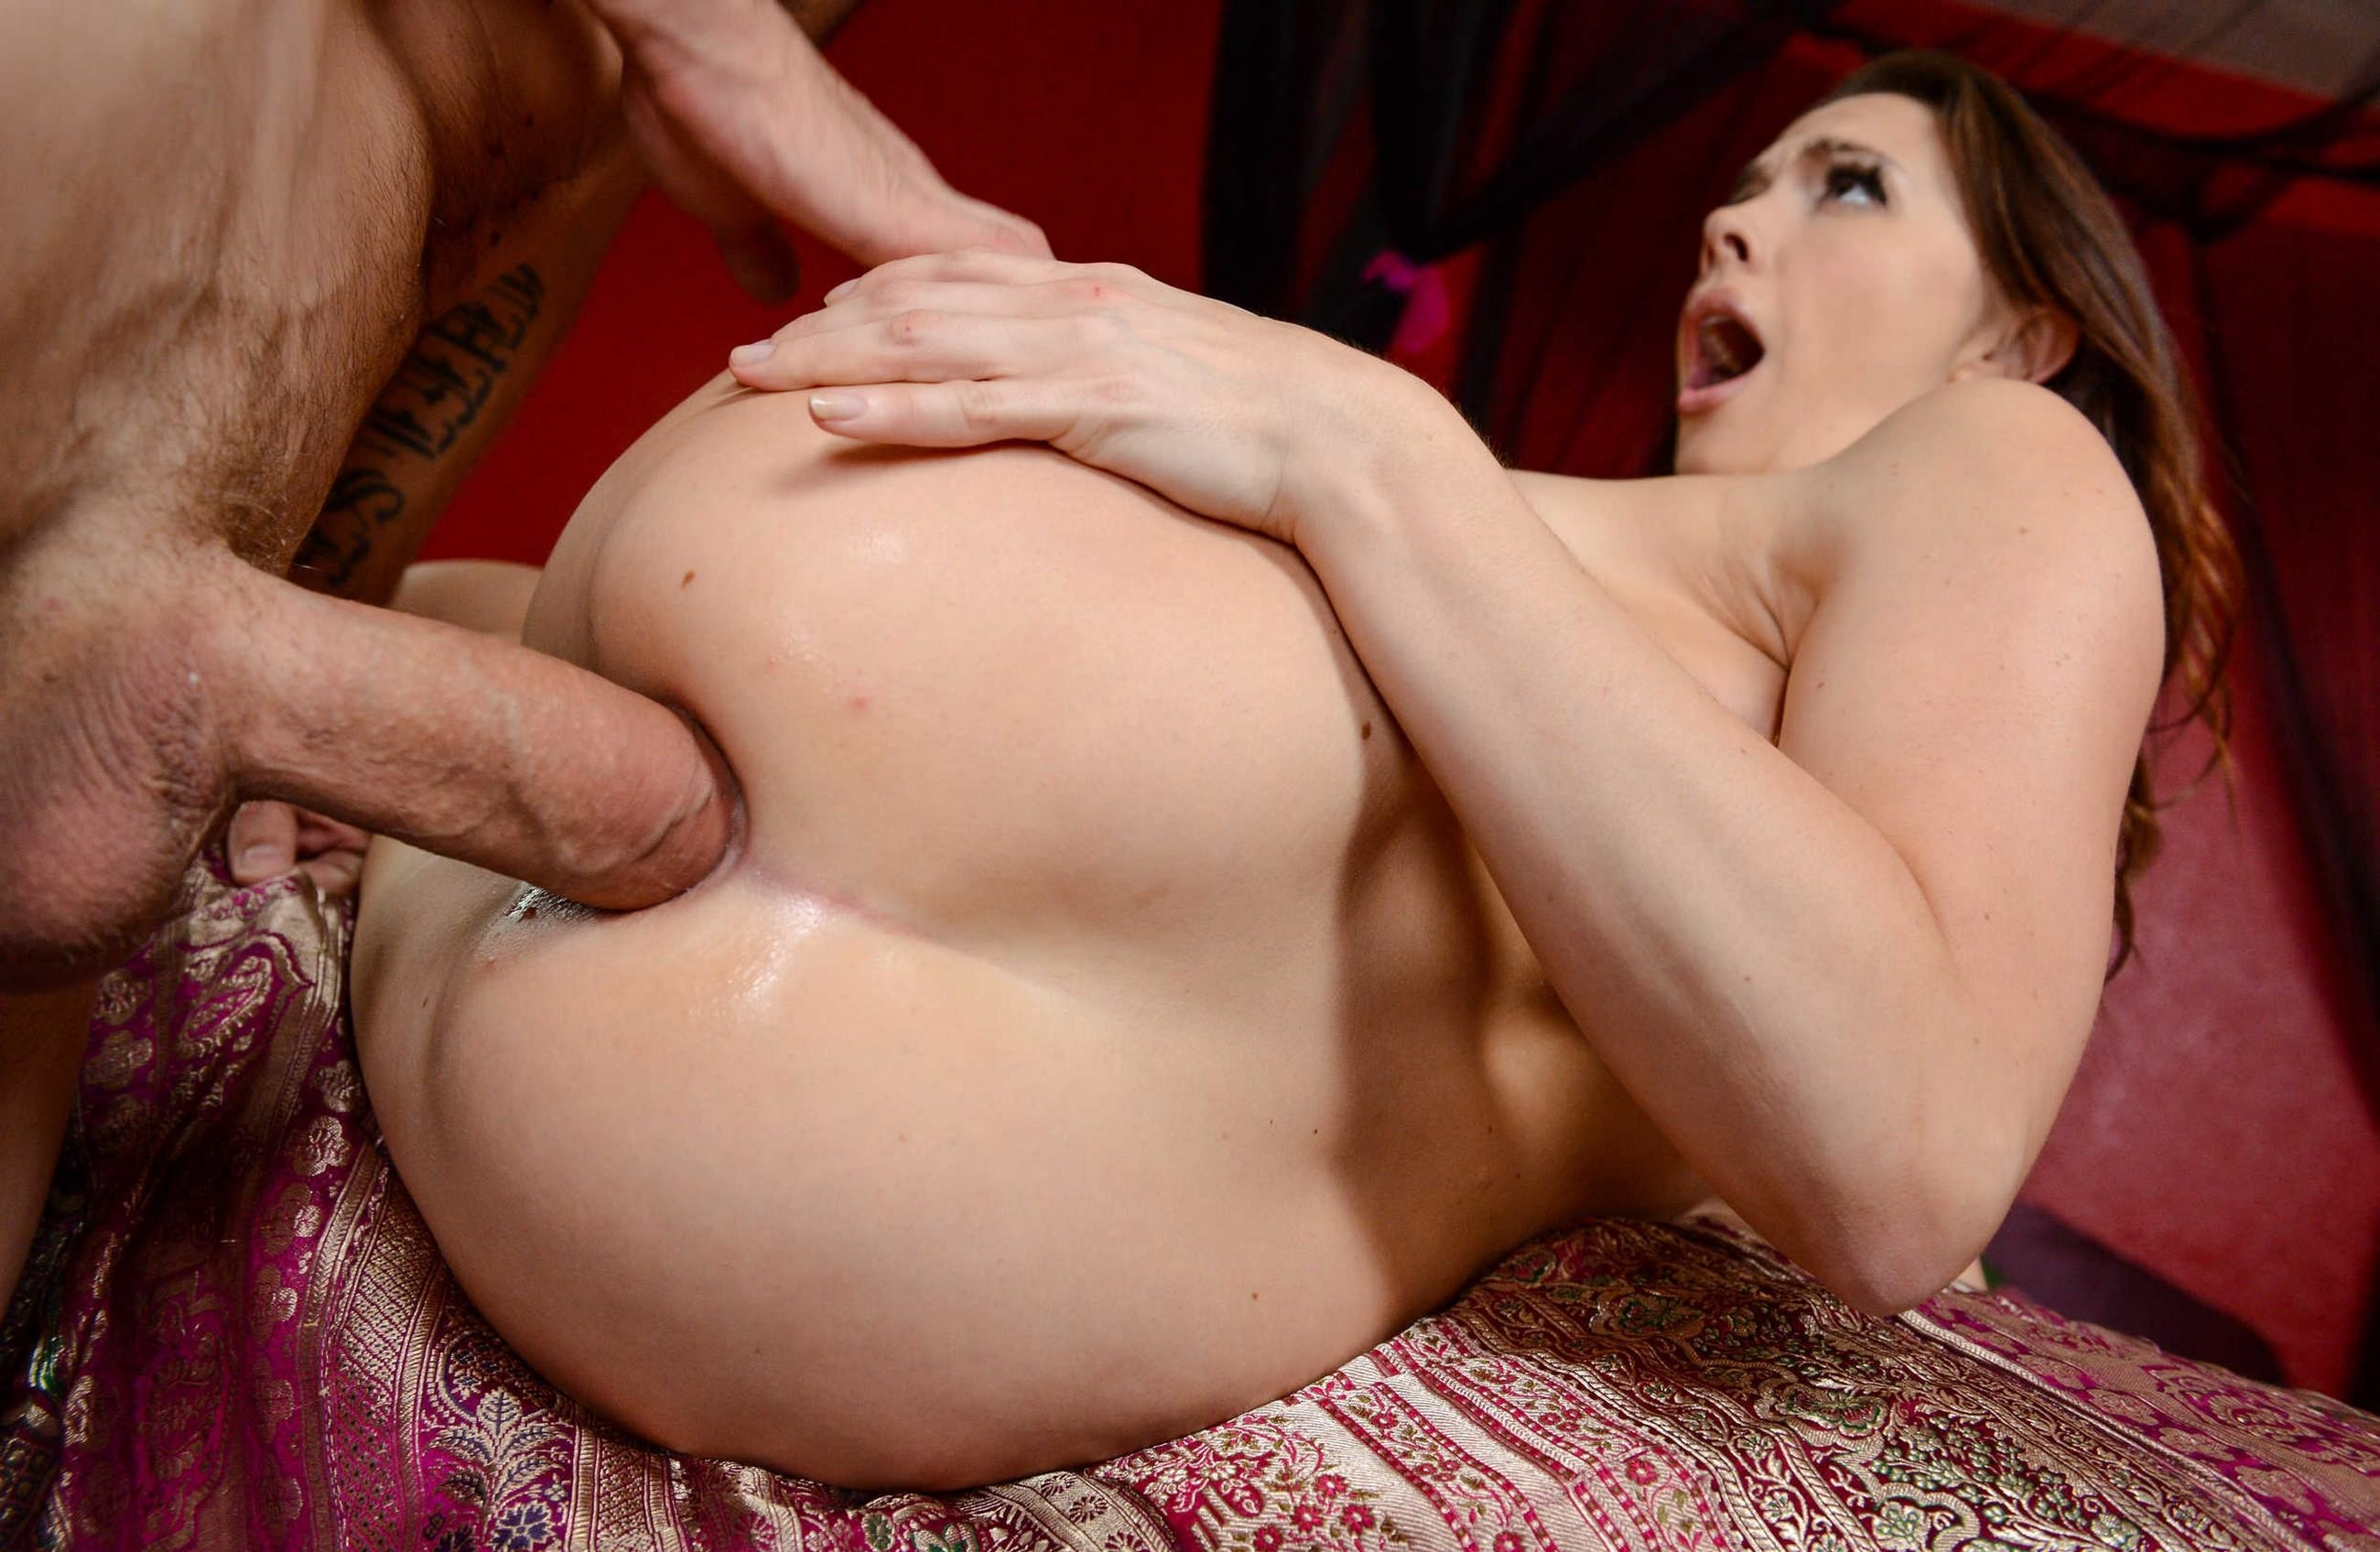 Фото Толстый член вошел в попку похотливой шлюхи, анальный секс, скачать картинку бесплатно